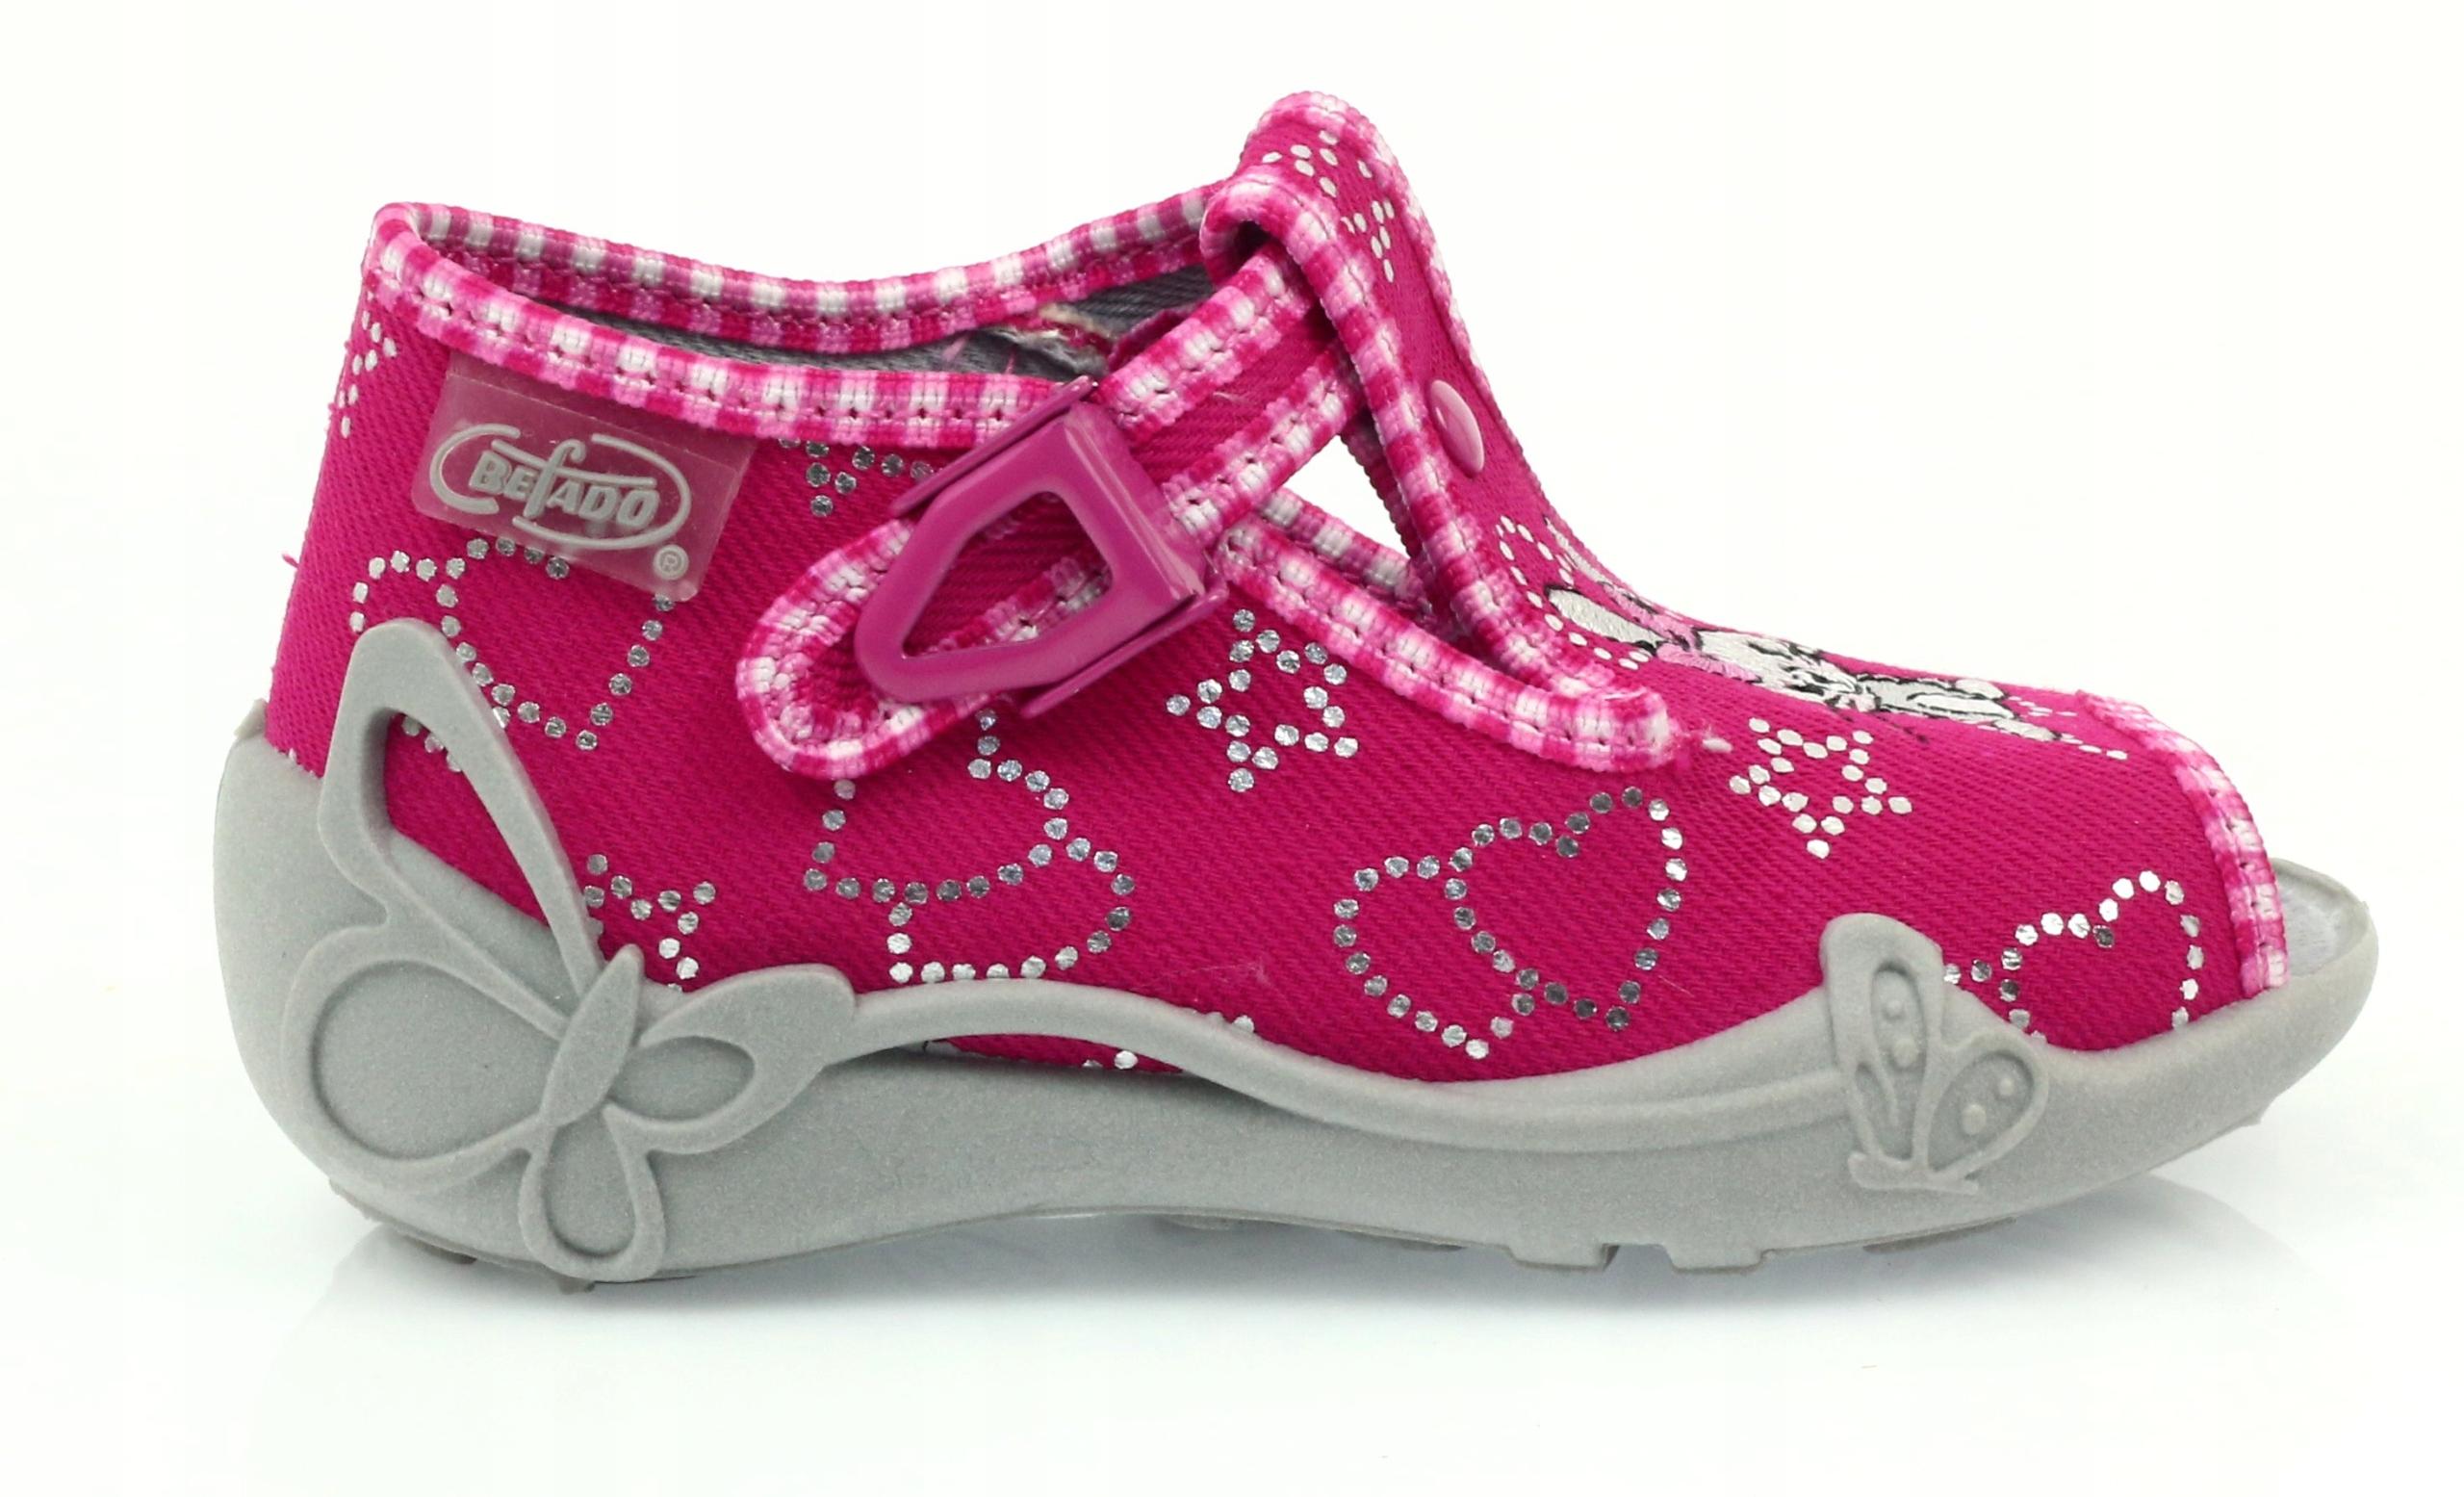 511d9008 Befado obuwie dziecięce kapcie 213p105 r.25 - 7677345838 - oficjalne ...